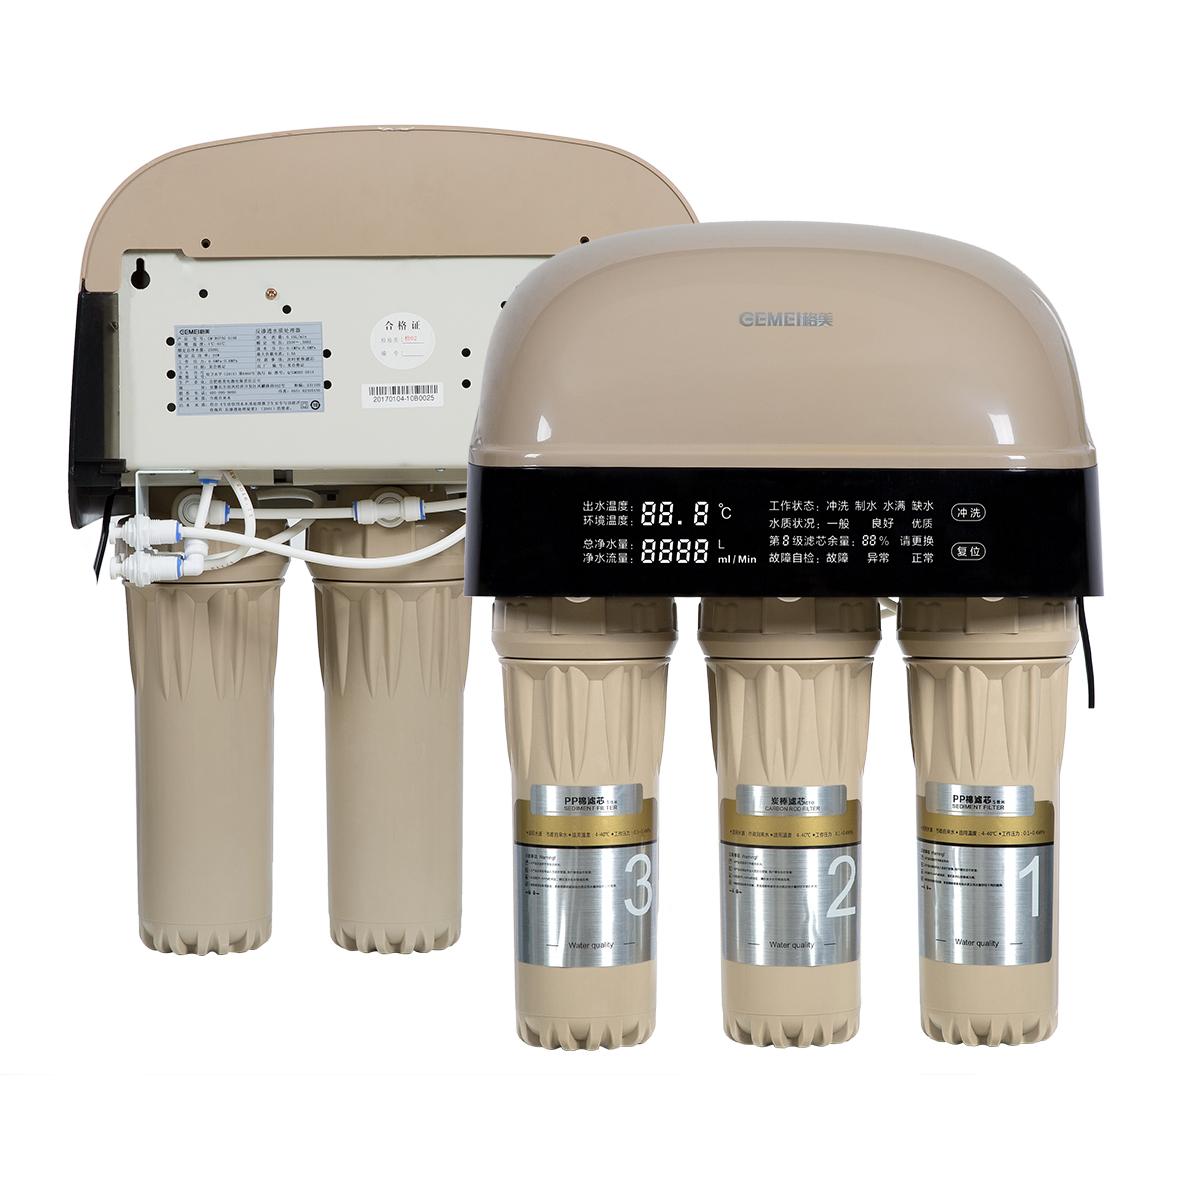 RO Water Purifier TN-RO75-10B